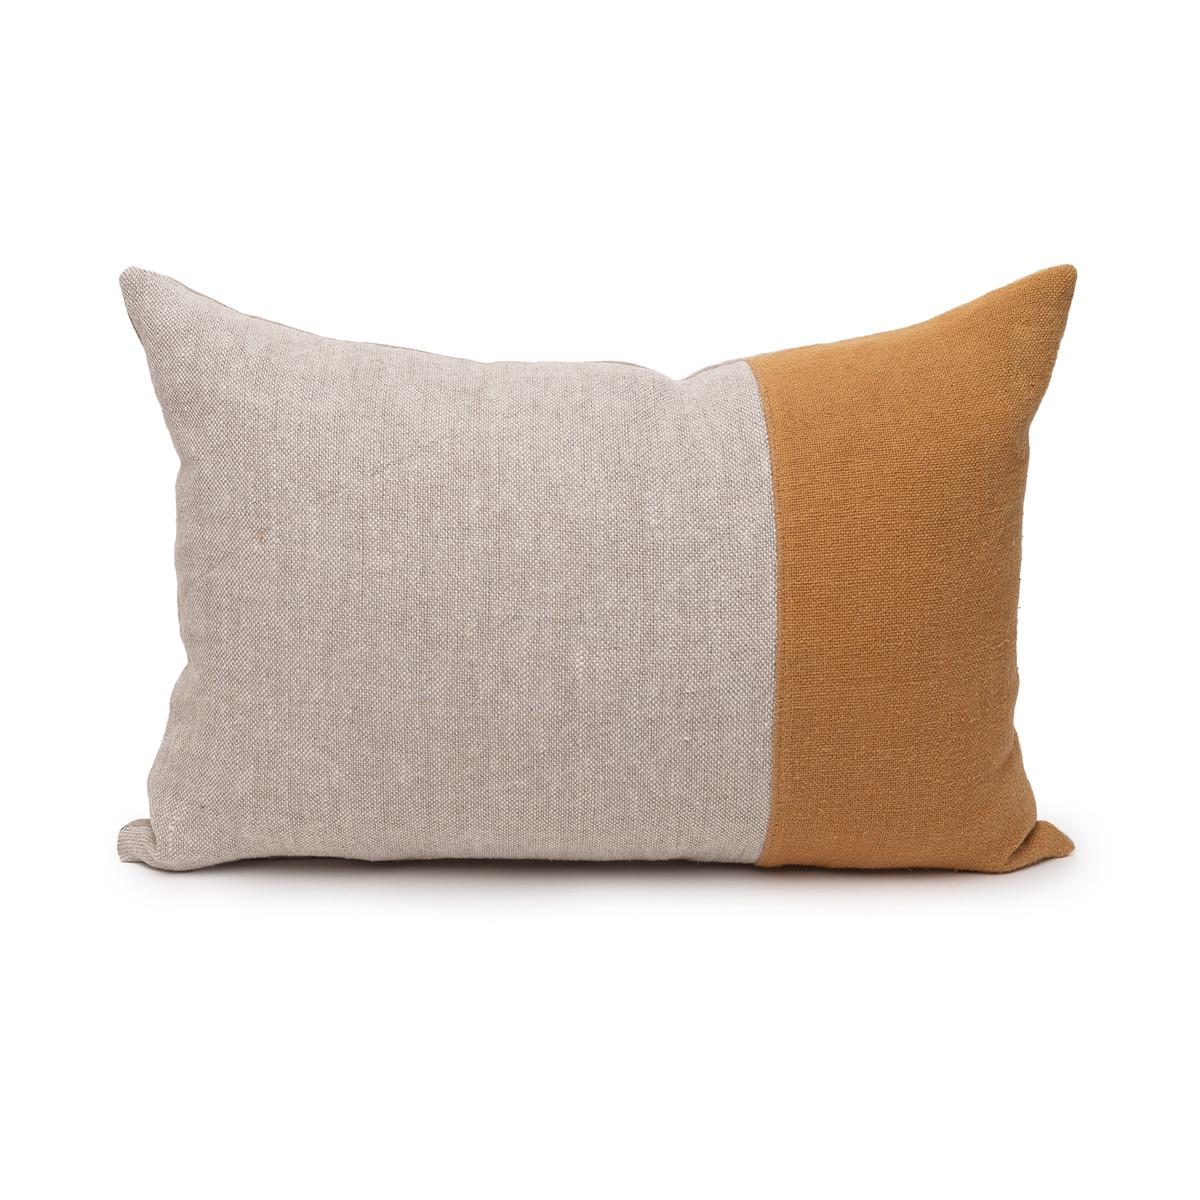 Dime Dijon Mustard and Natural Linen Lumbar Pillow - 14 x 20  -Front